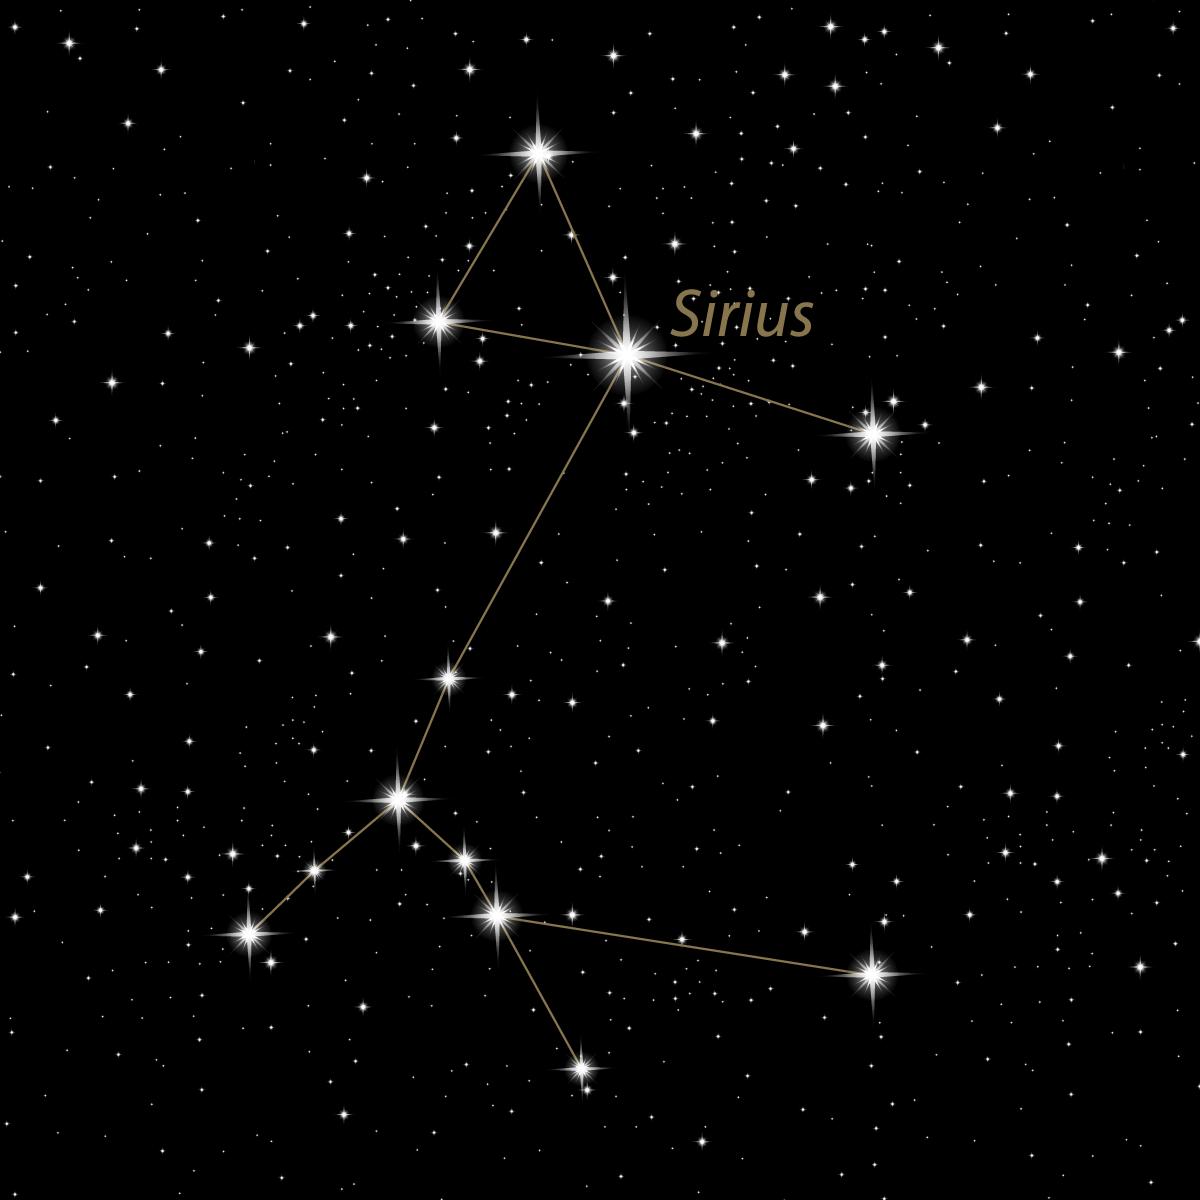 L'etoile Sirius